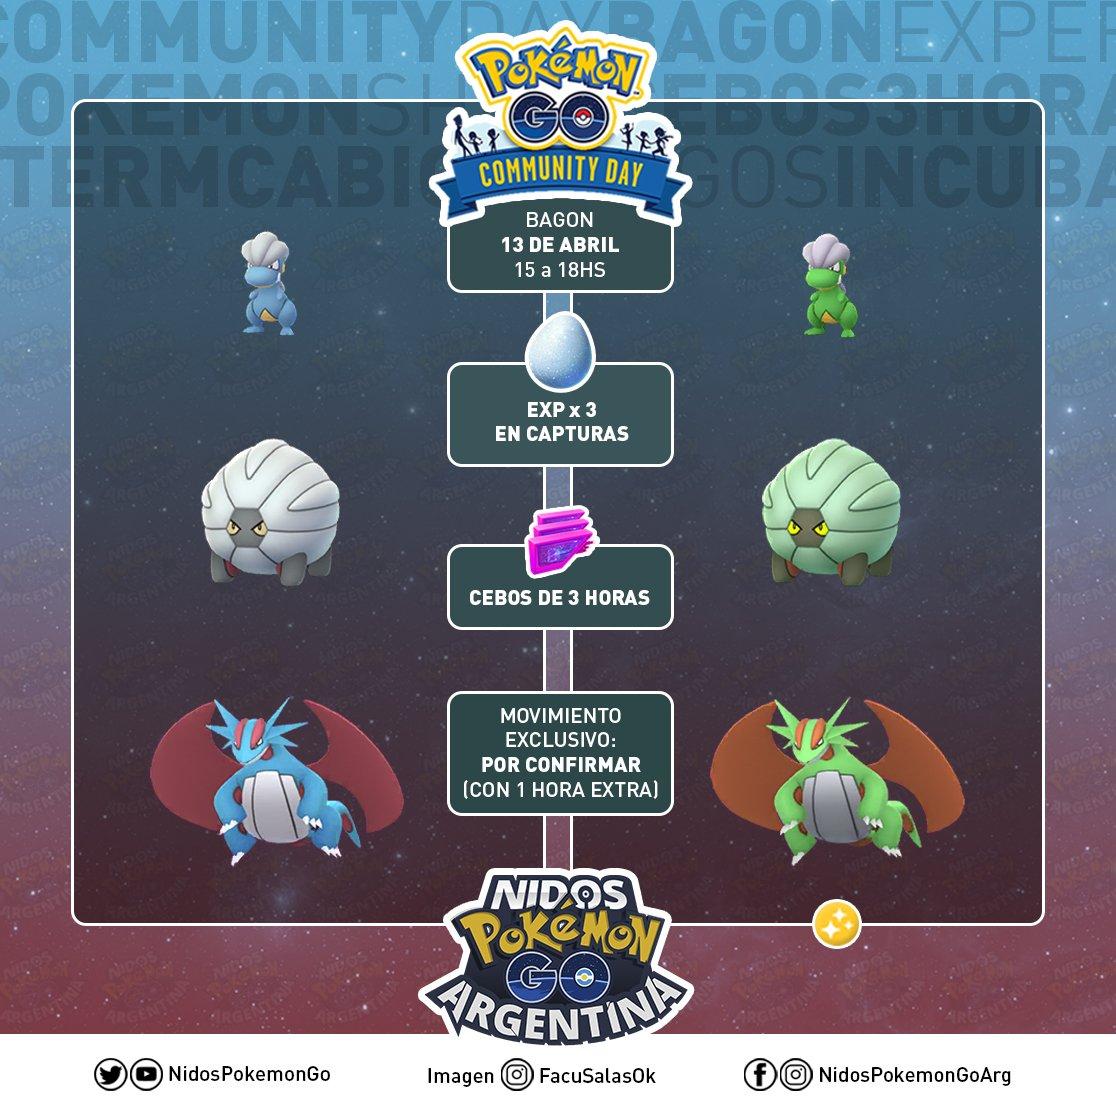 Imagen Bagon, Shelgon y Salamence normal y shiny hecho por Nidos Pokémon GO Argentina